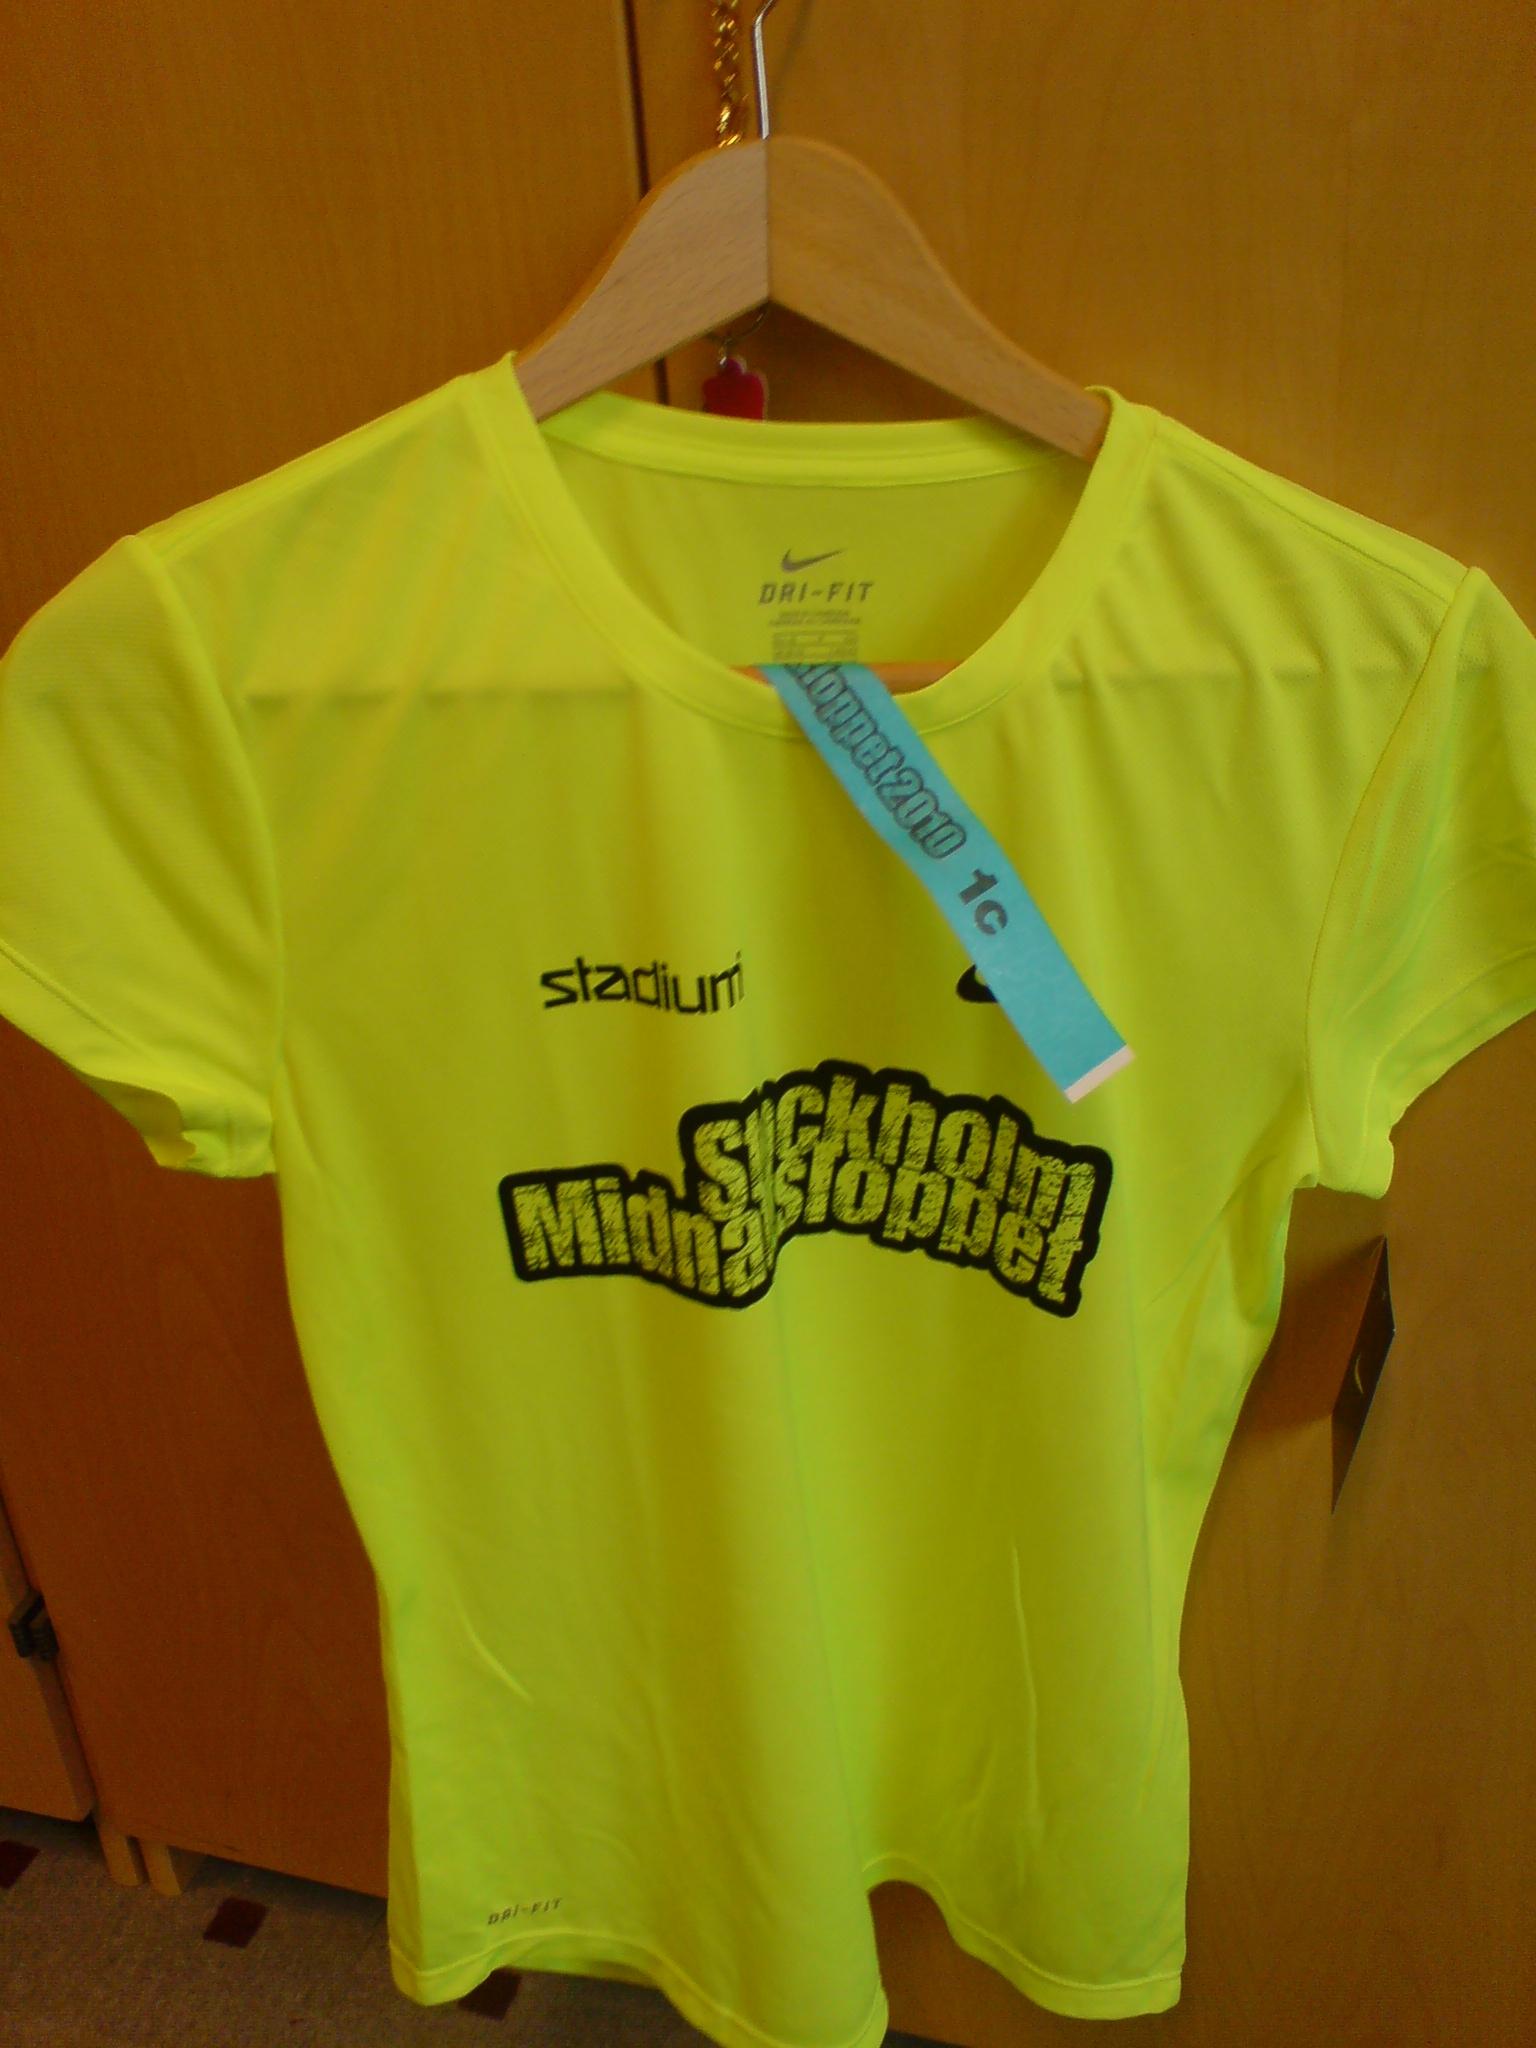 Midnattsloppet 2010